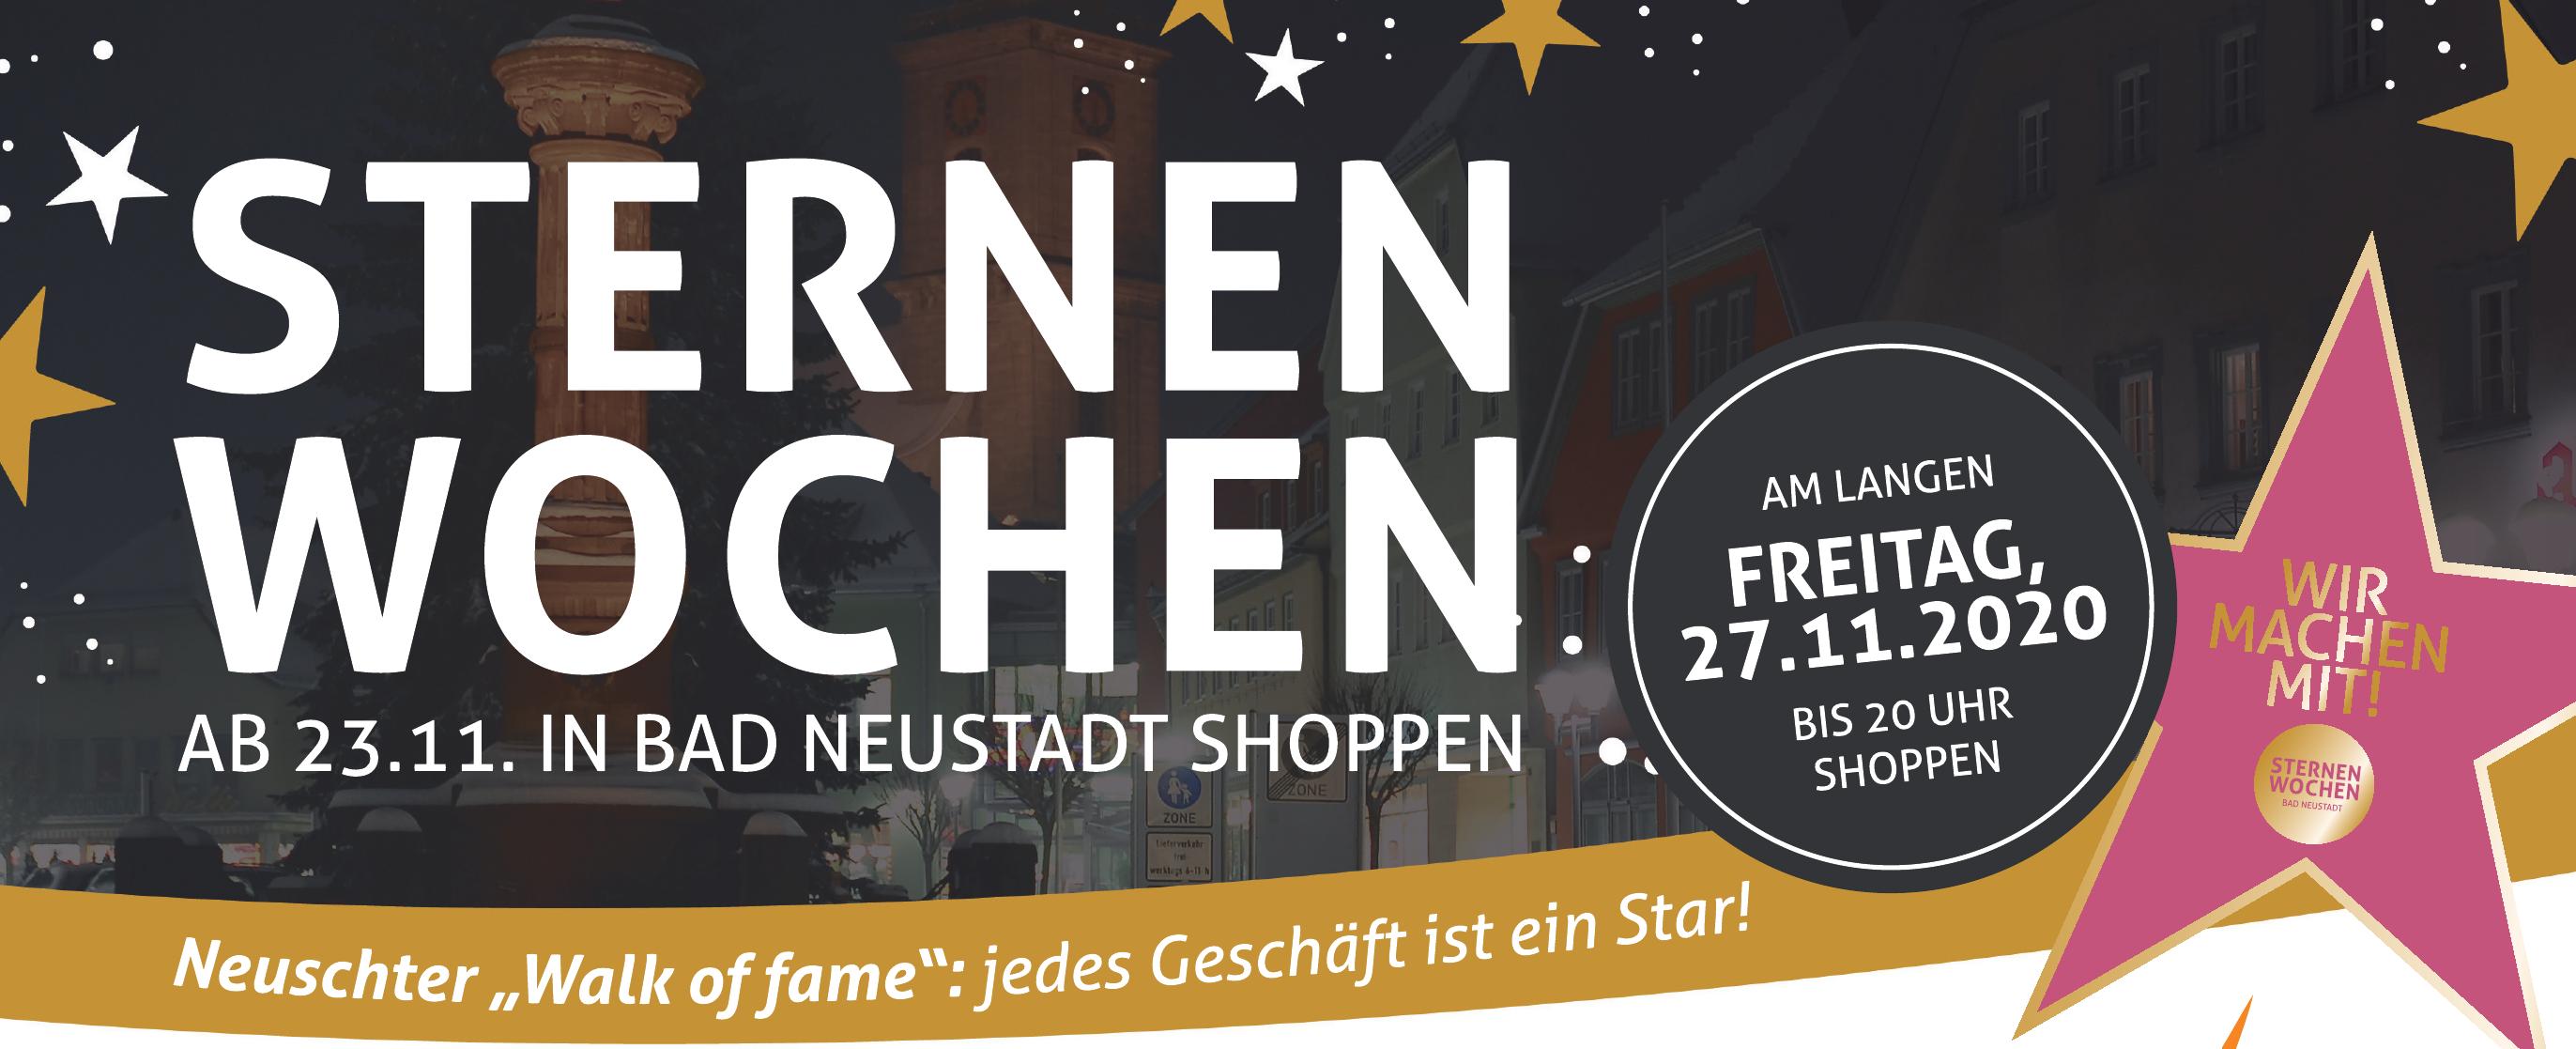 Sternen Wochen - ab 23.11. in Bad Neustadt shoppen Image 1